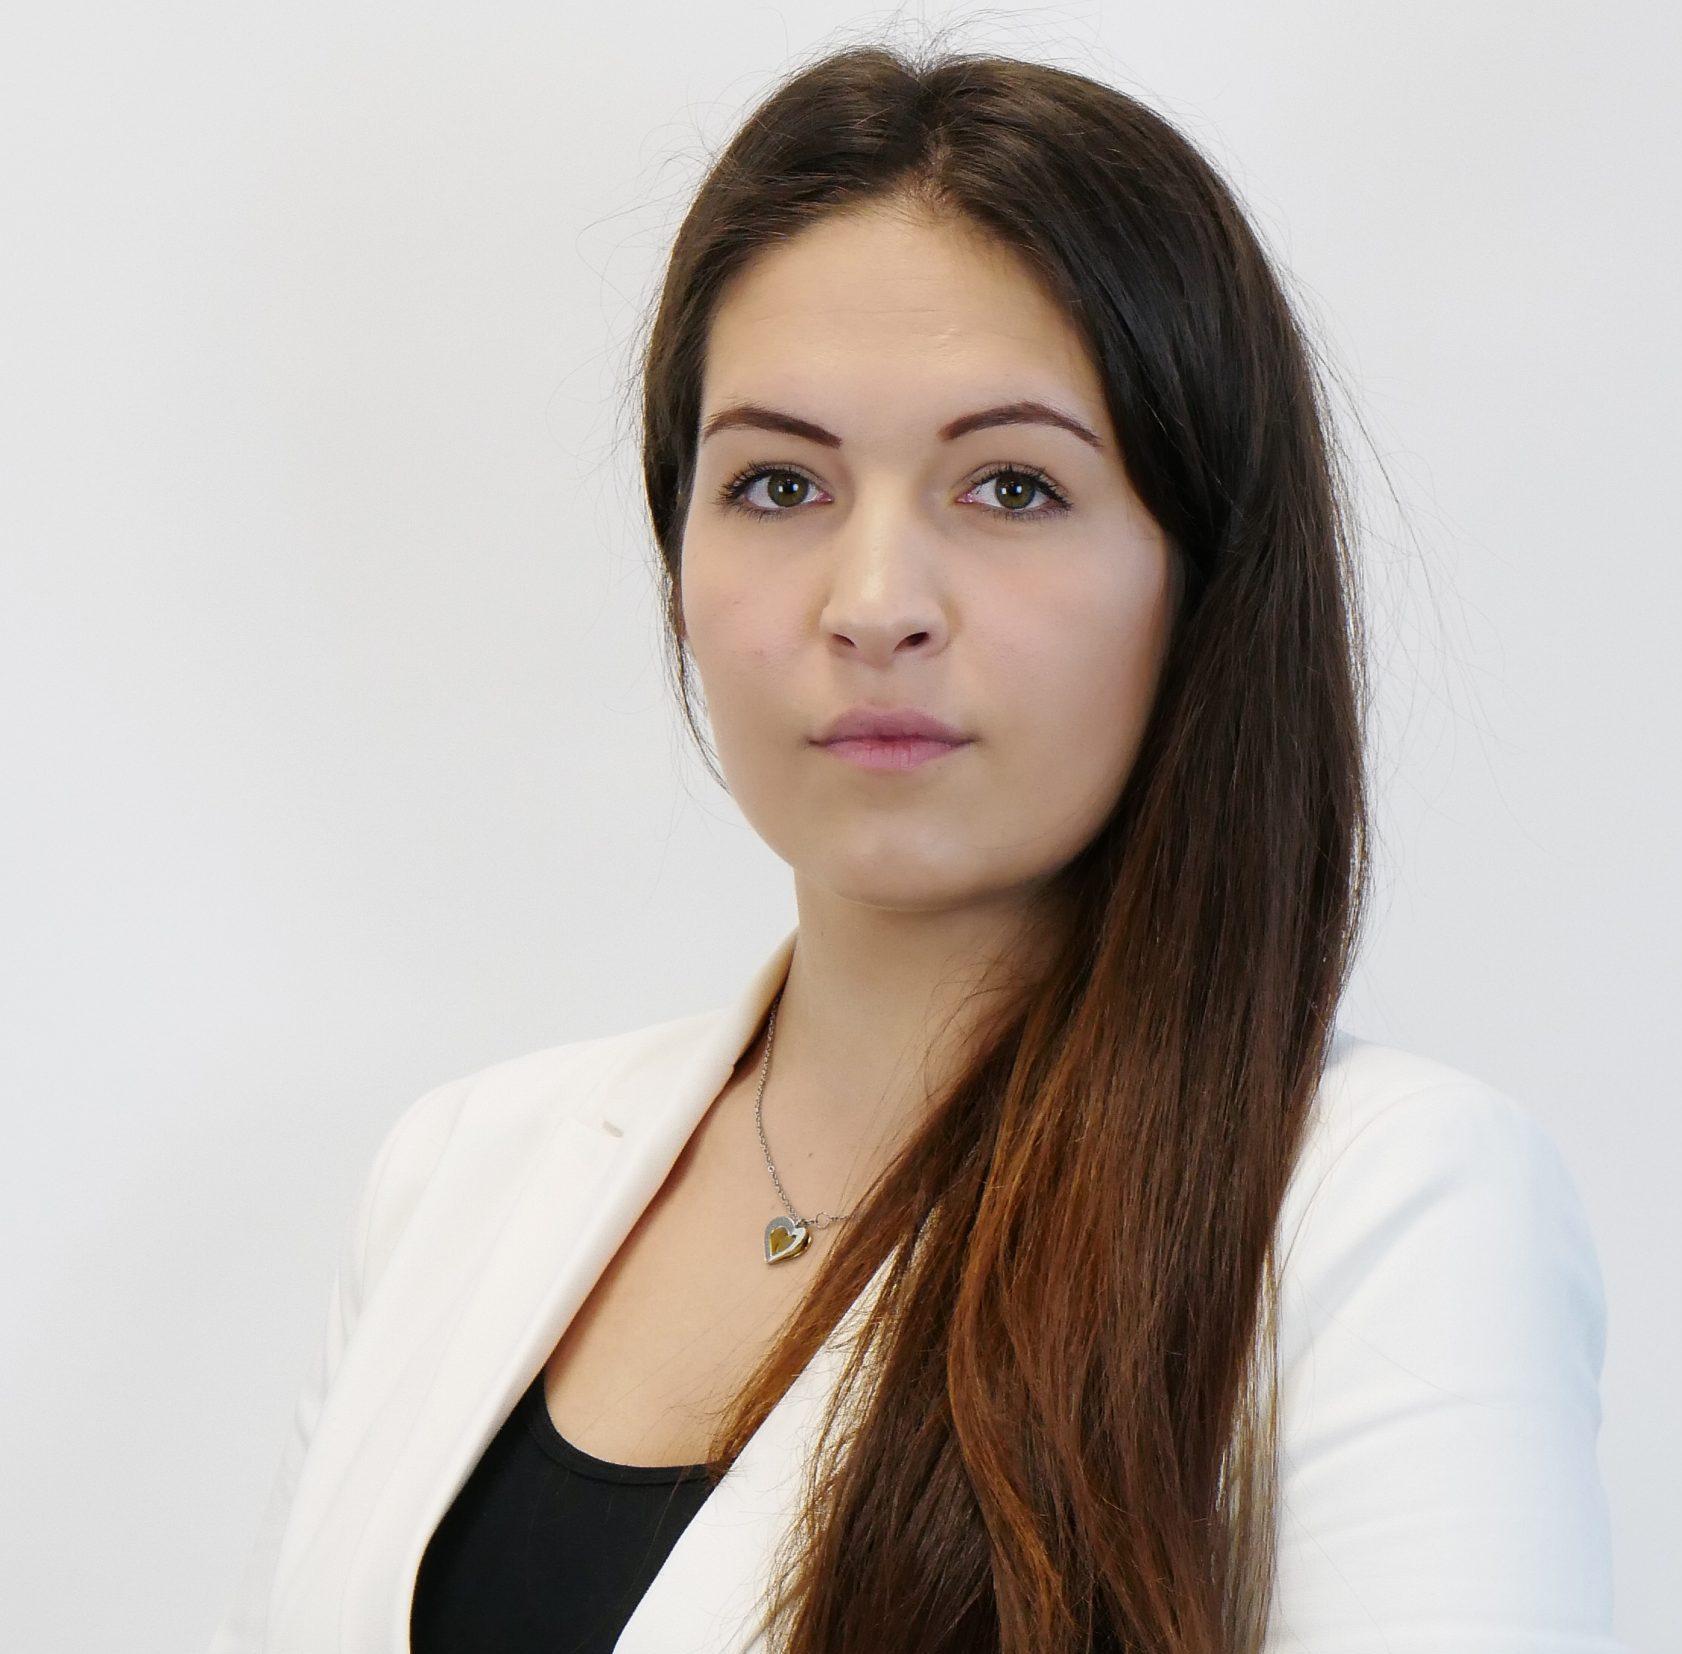 Klaudia Luleczka